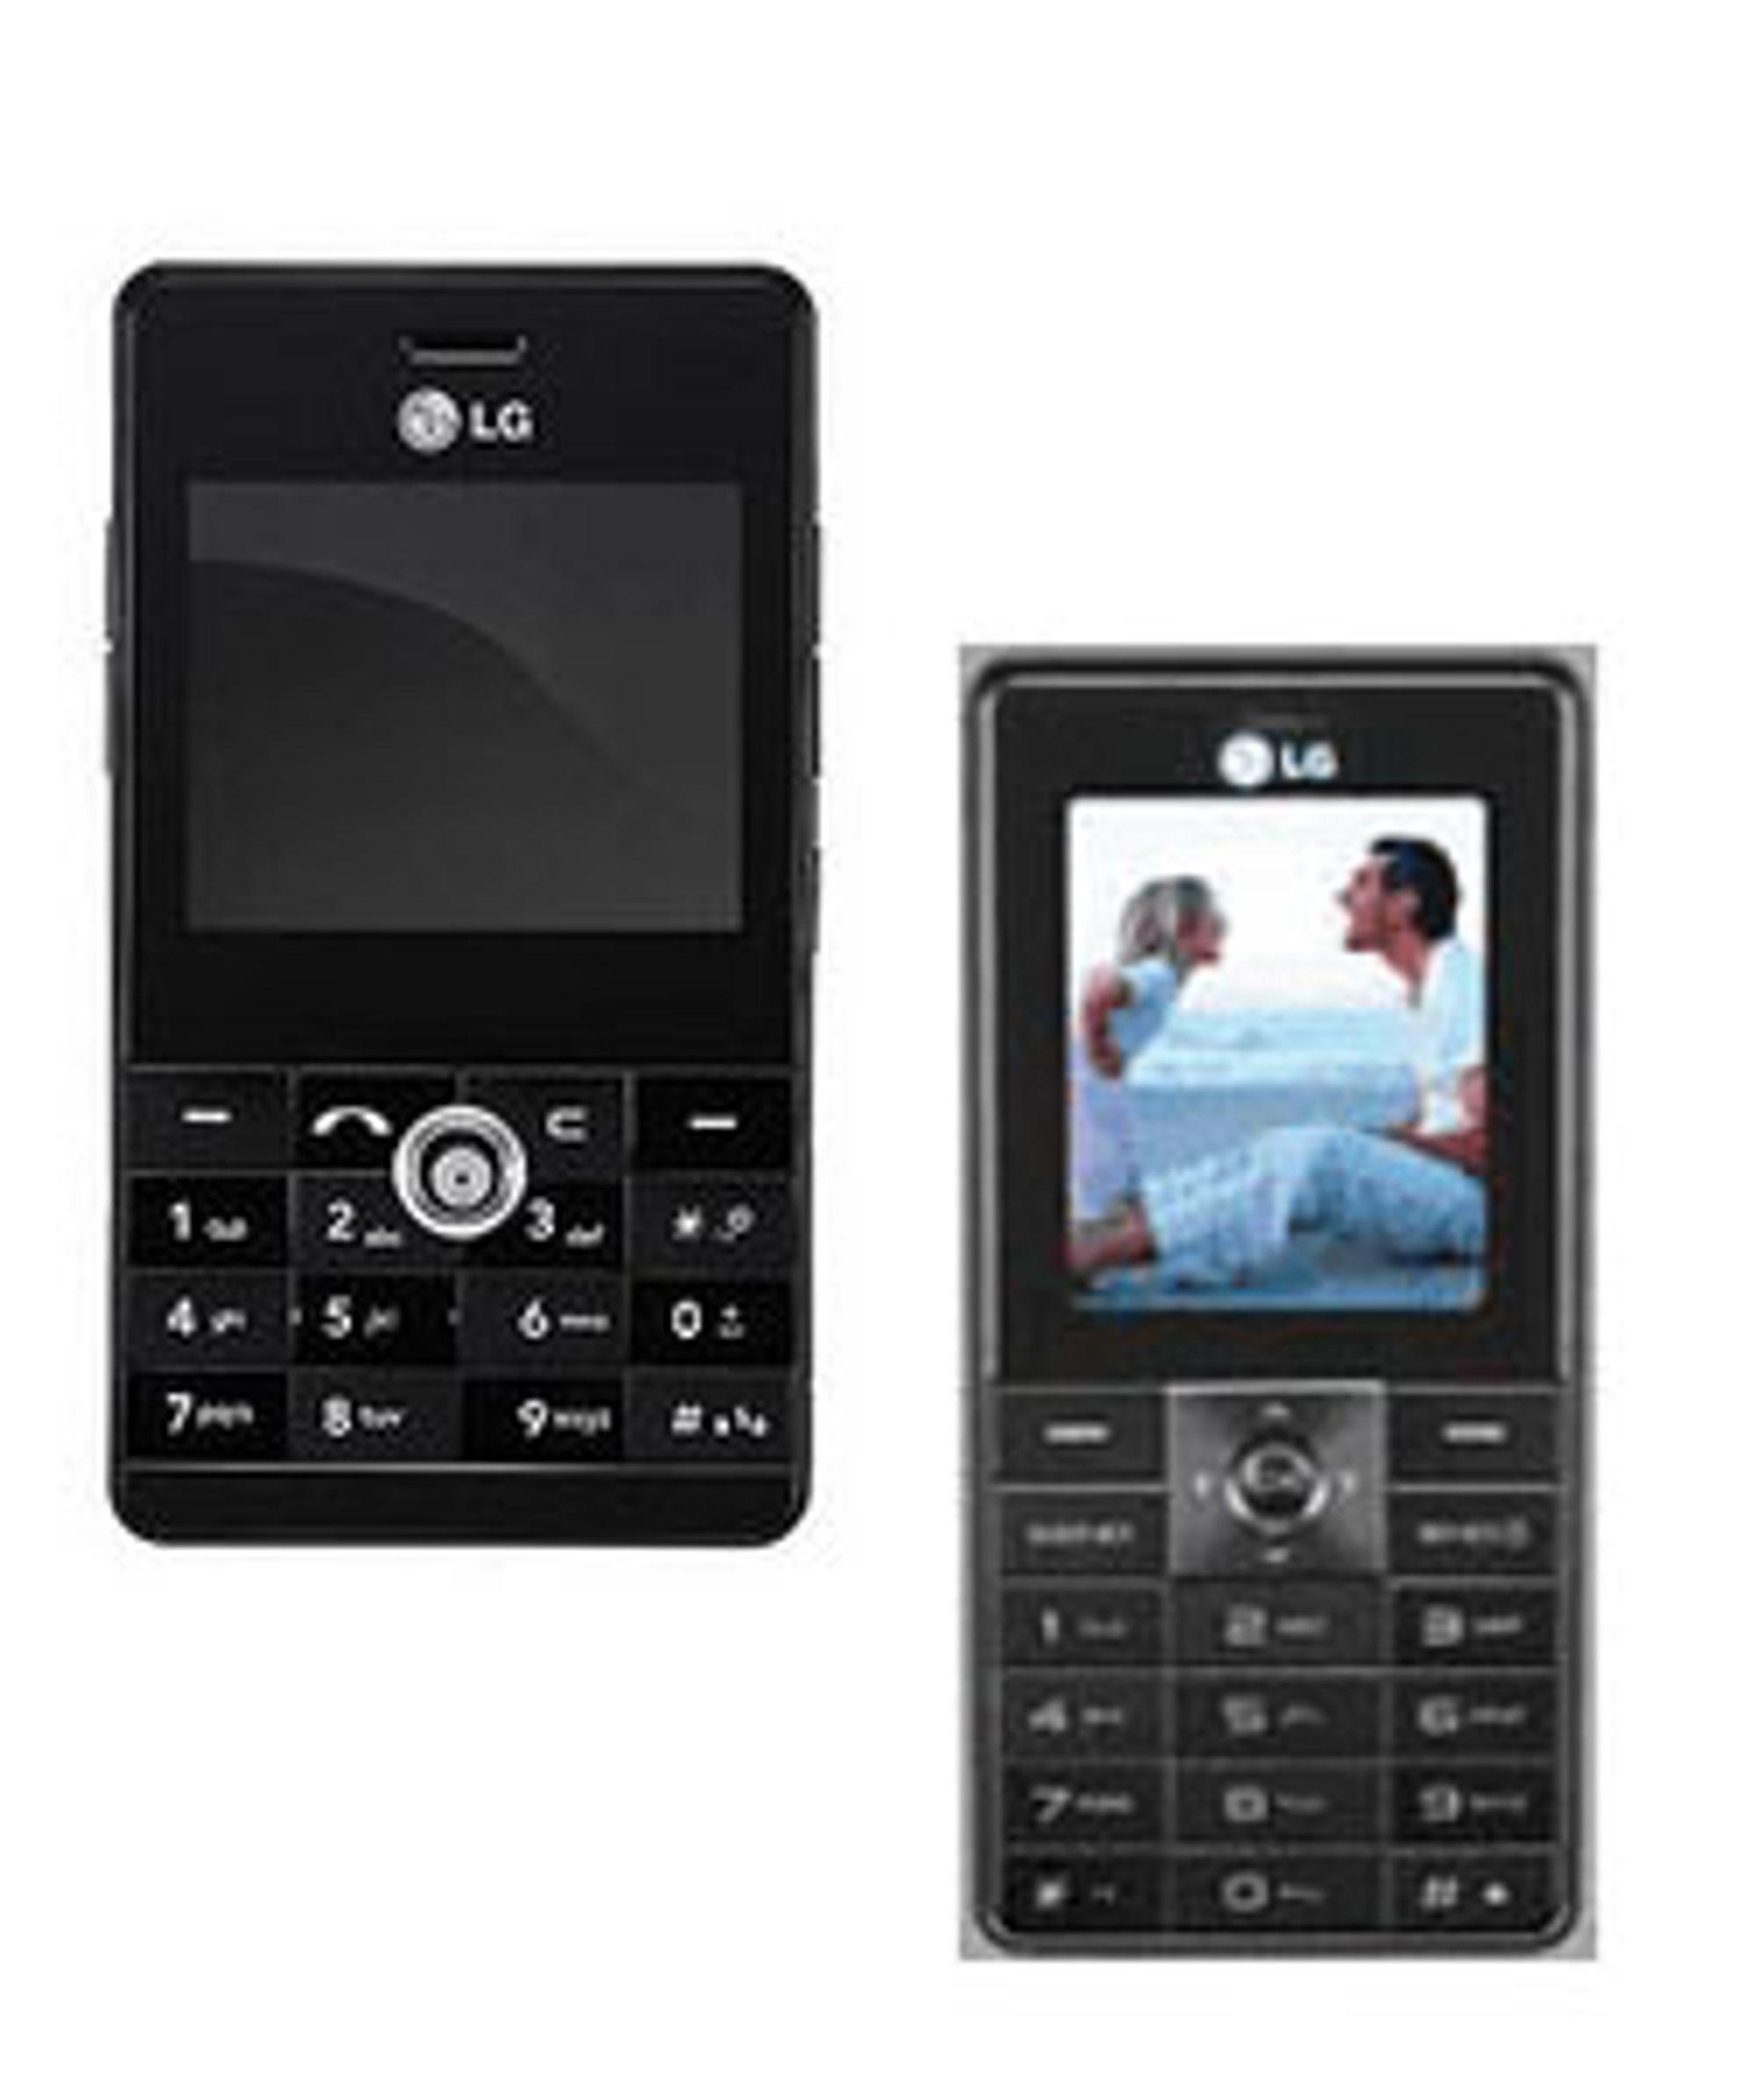 Fra venstre: LG KE820 og KG320.